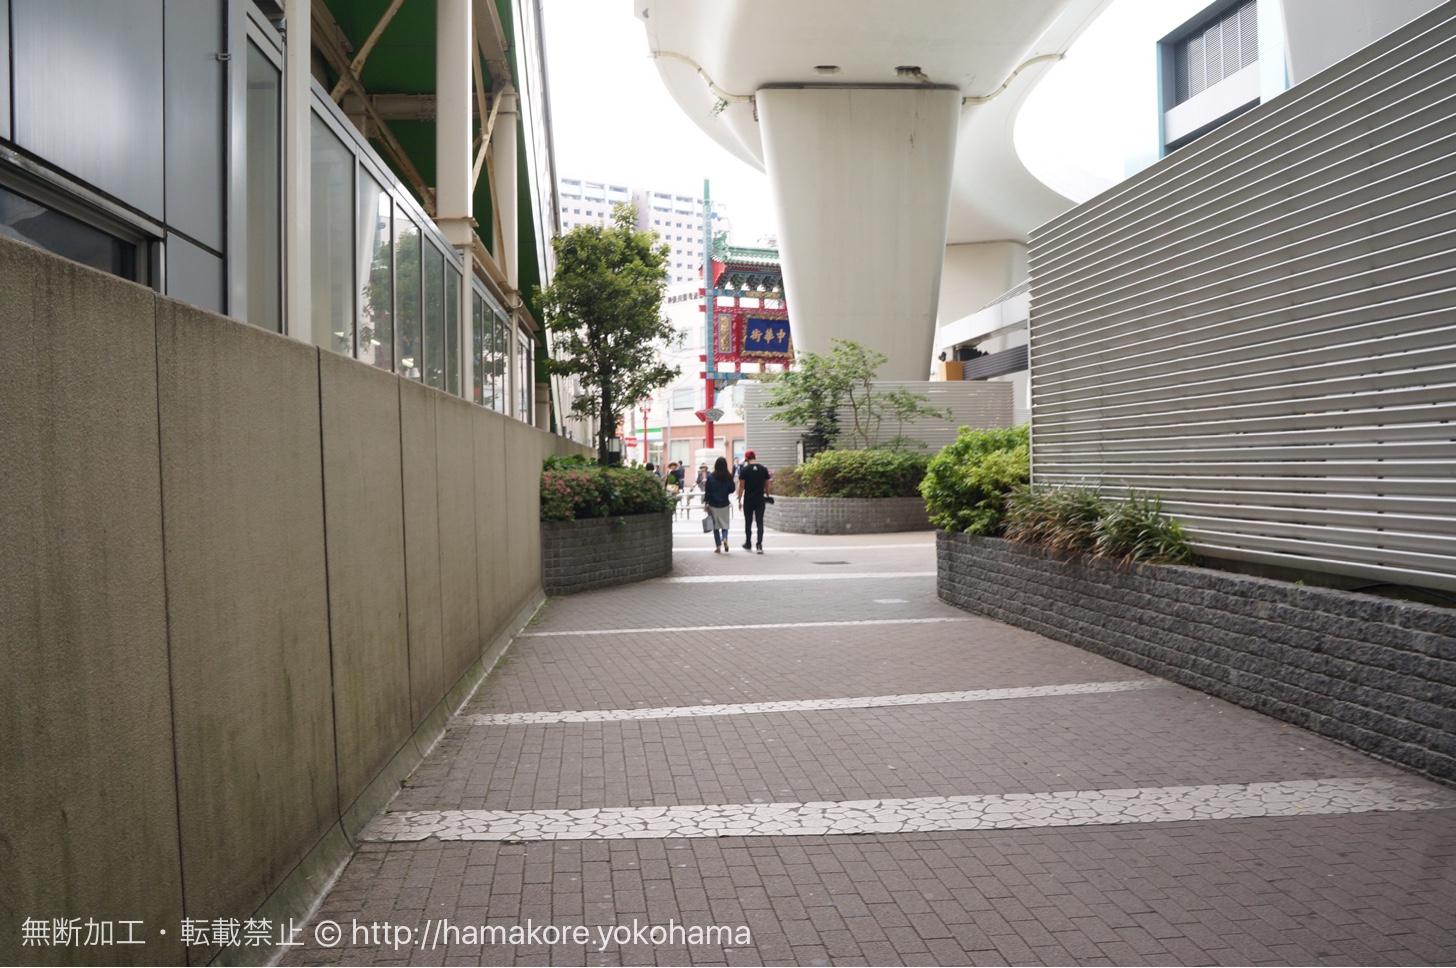 石川町駅前の通り